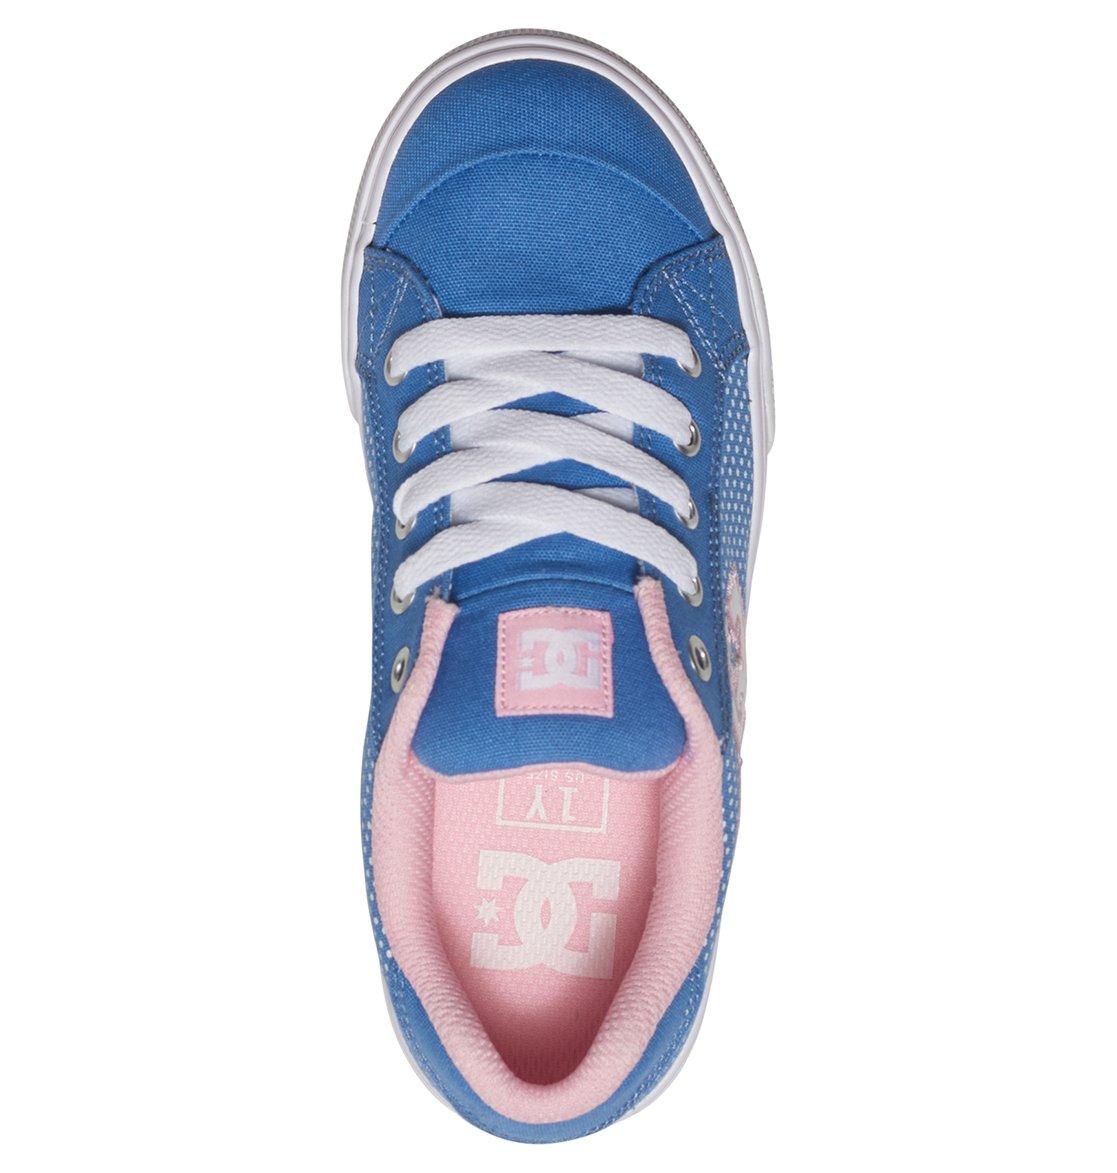 Shoes Adgs300044 Dc Fille Tx Pour Se Chaussures Chelsea q0SwZaxv